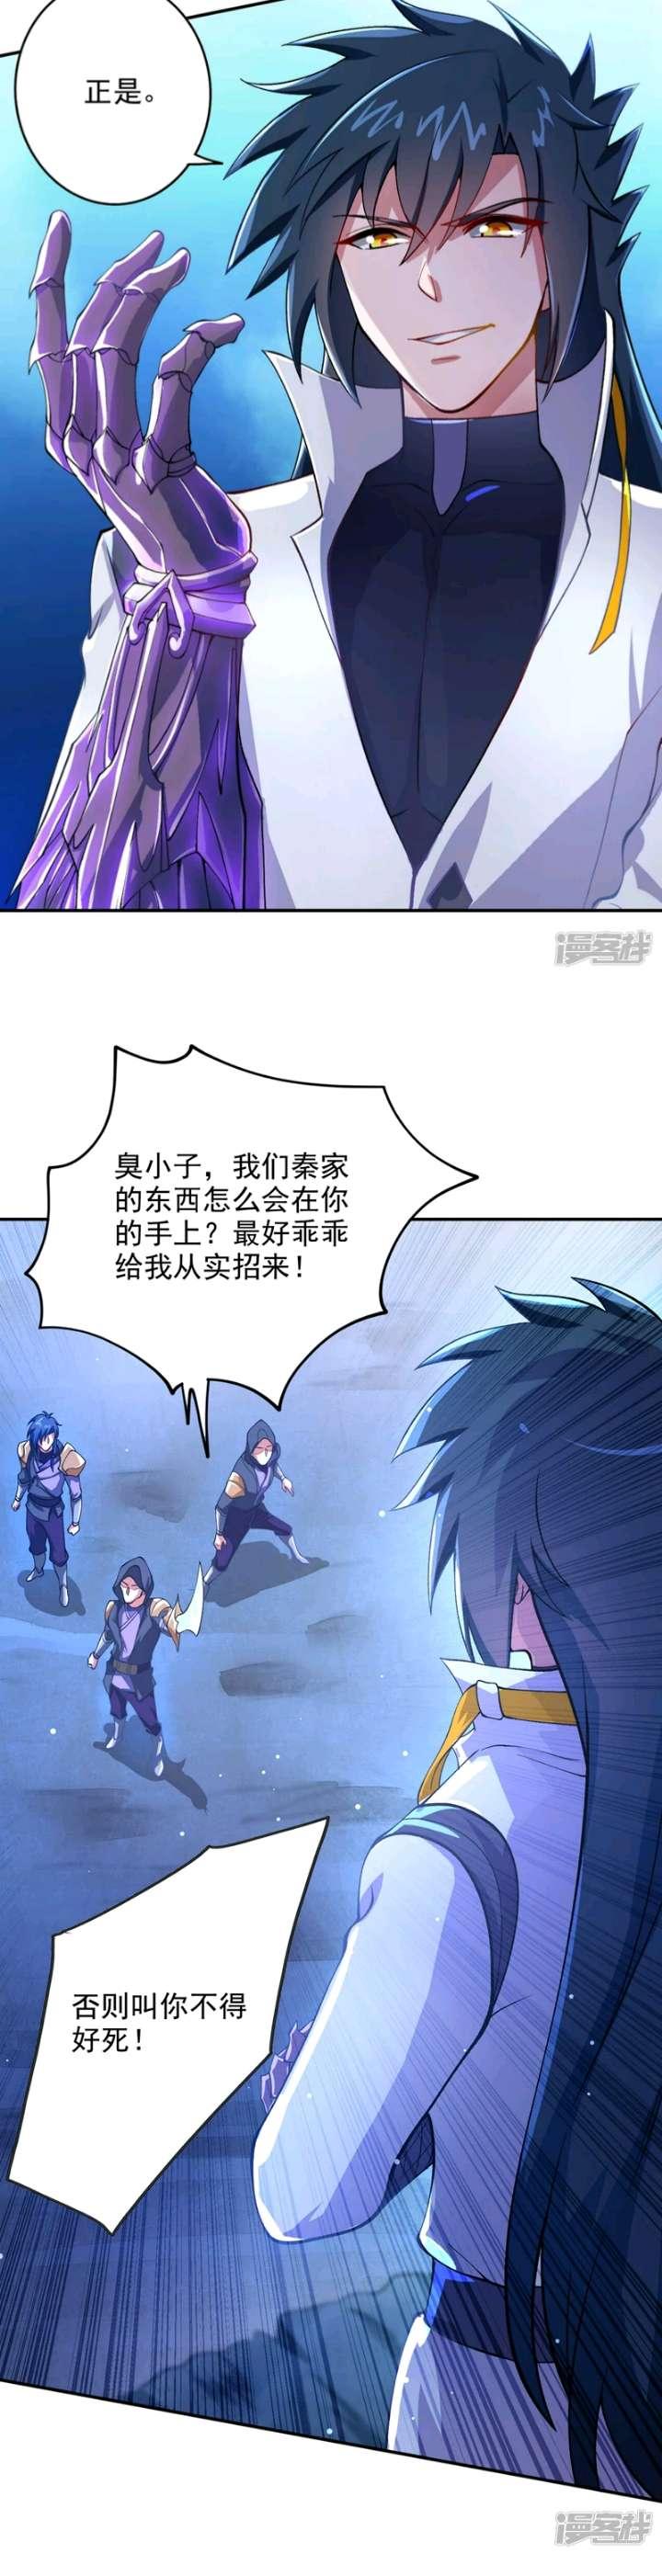 【漫画更新】《灵剑尊》总323~324话